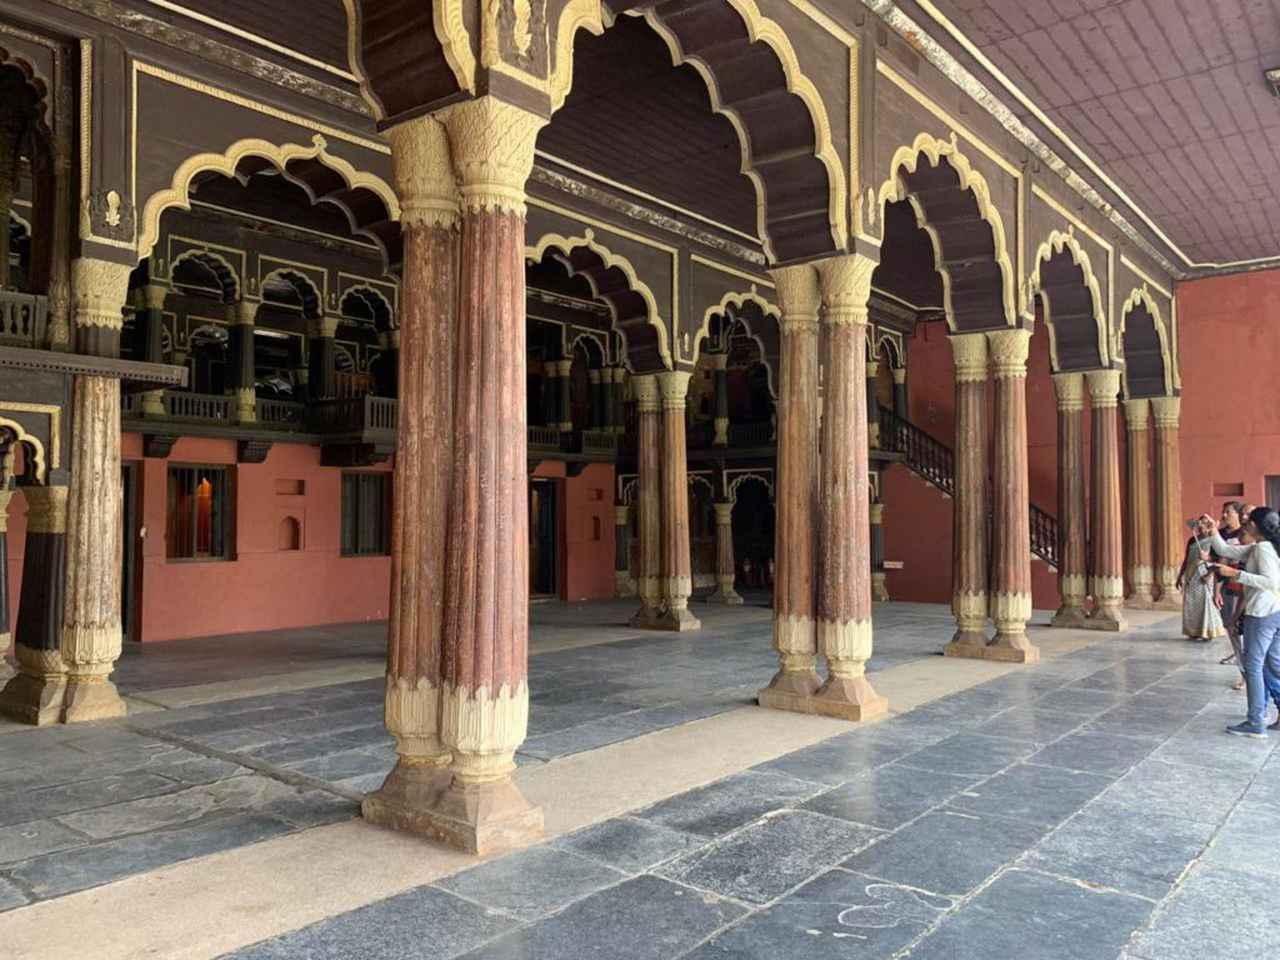 画像1: 居心地の良い木造建築「ティプー・スルターン宮殿」でのんびり